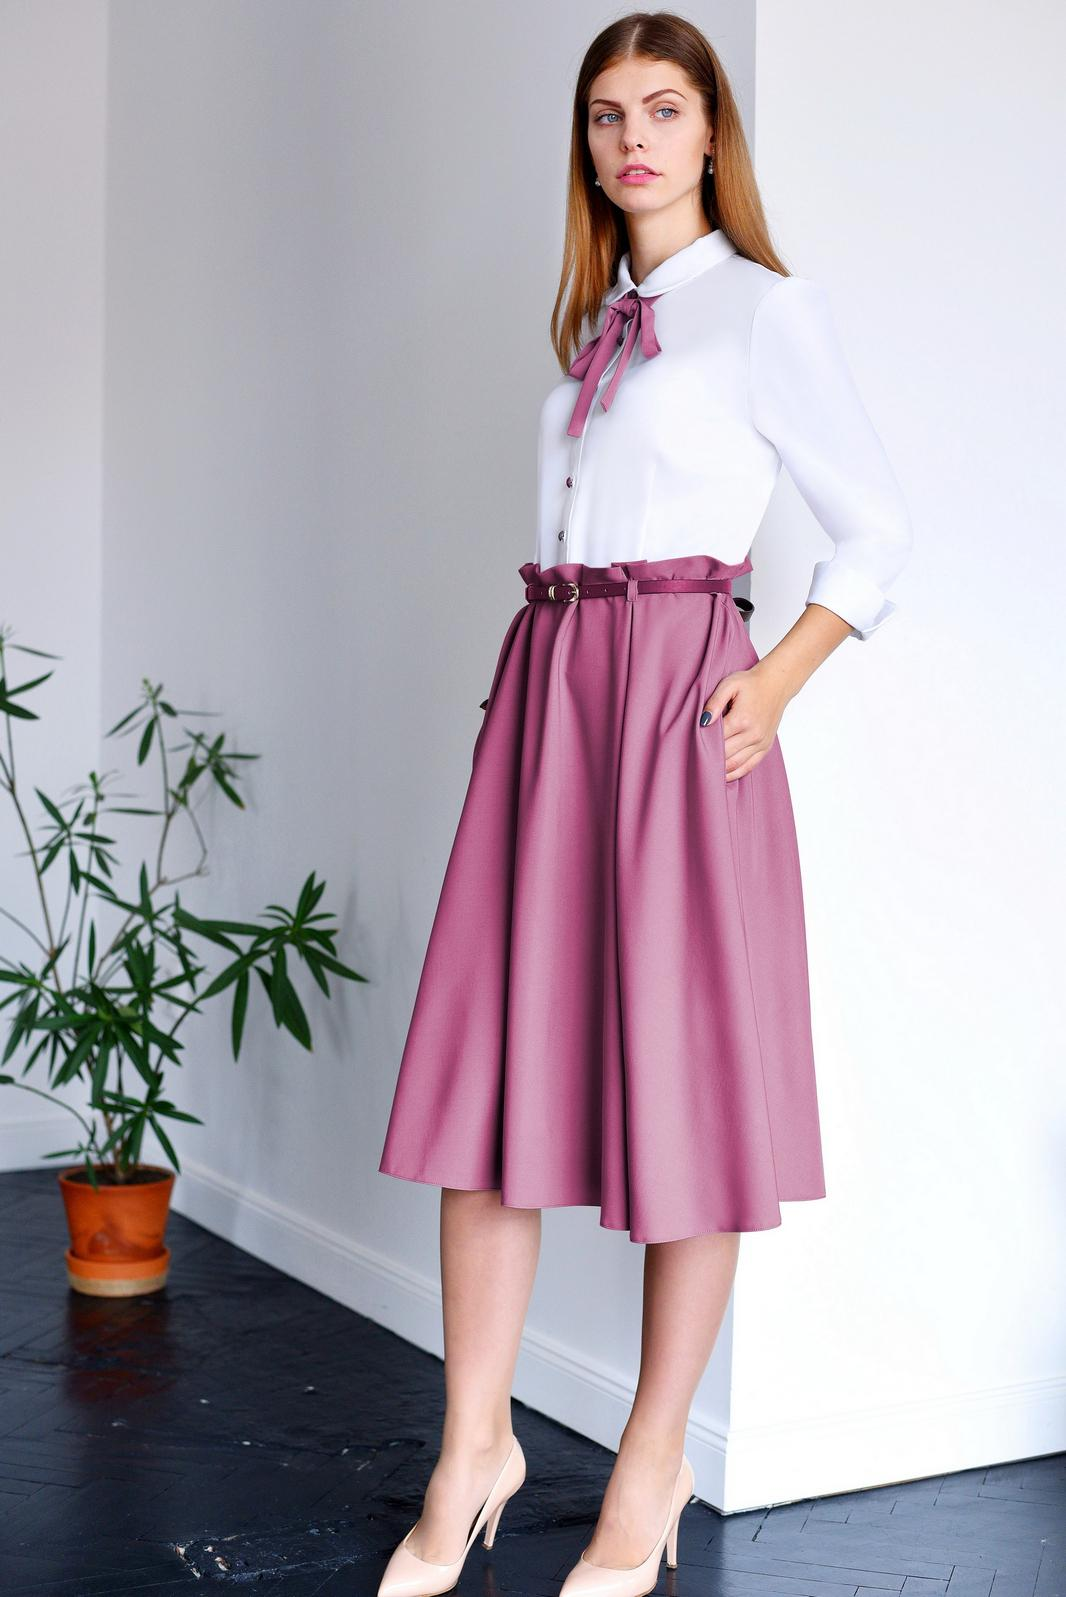 Купить Платье Юрс, 17-751 белый с ягодным, Беларусь